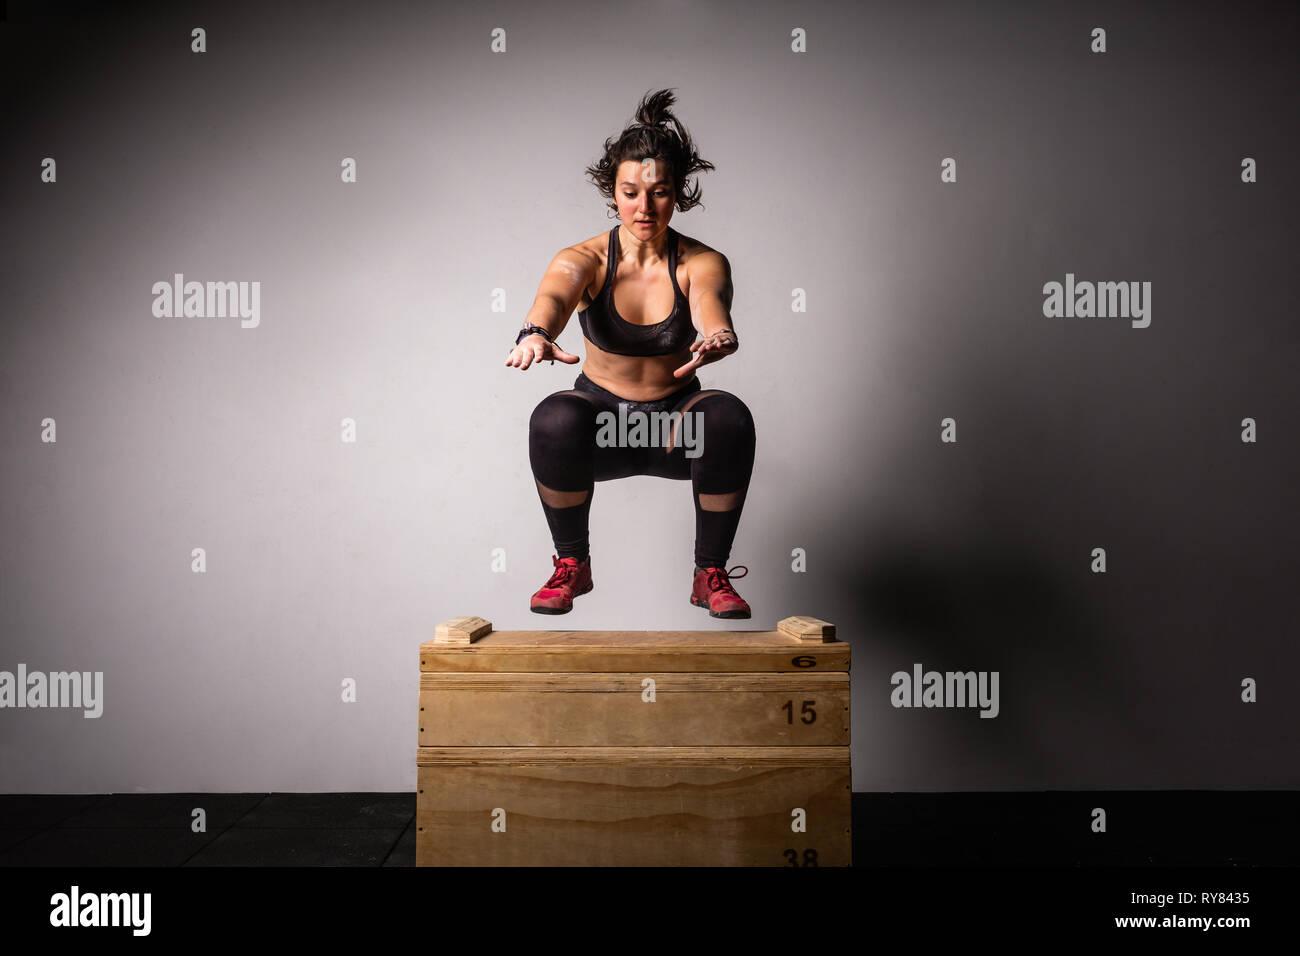 Sportliche junge Dame in Sportswear mit streckte die Hände springen auf Holzkiste im Fitnessraum auf grauem Hintergrund Stockbild